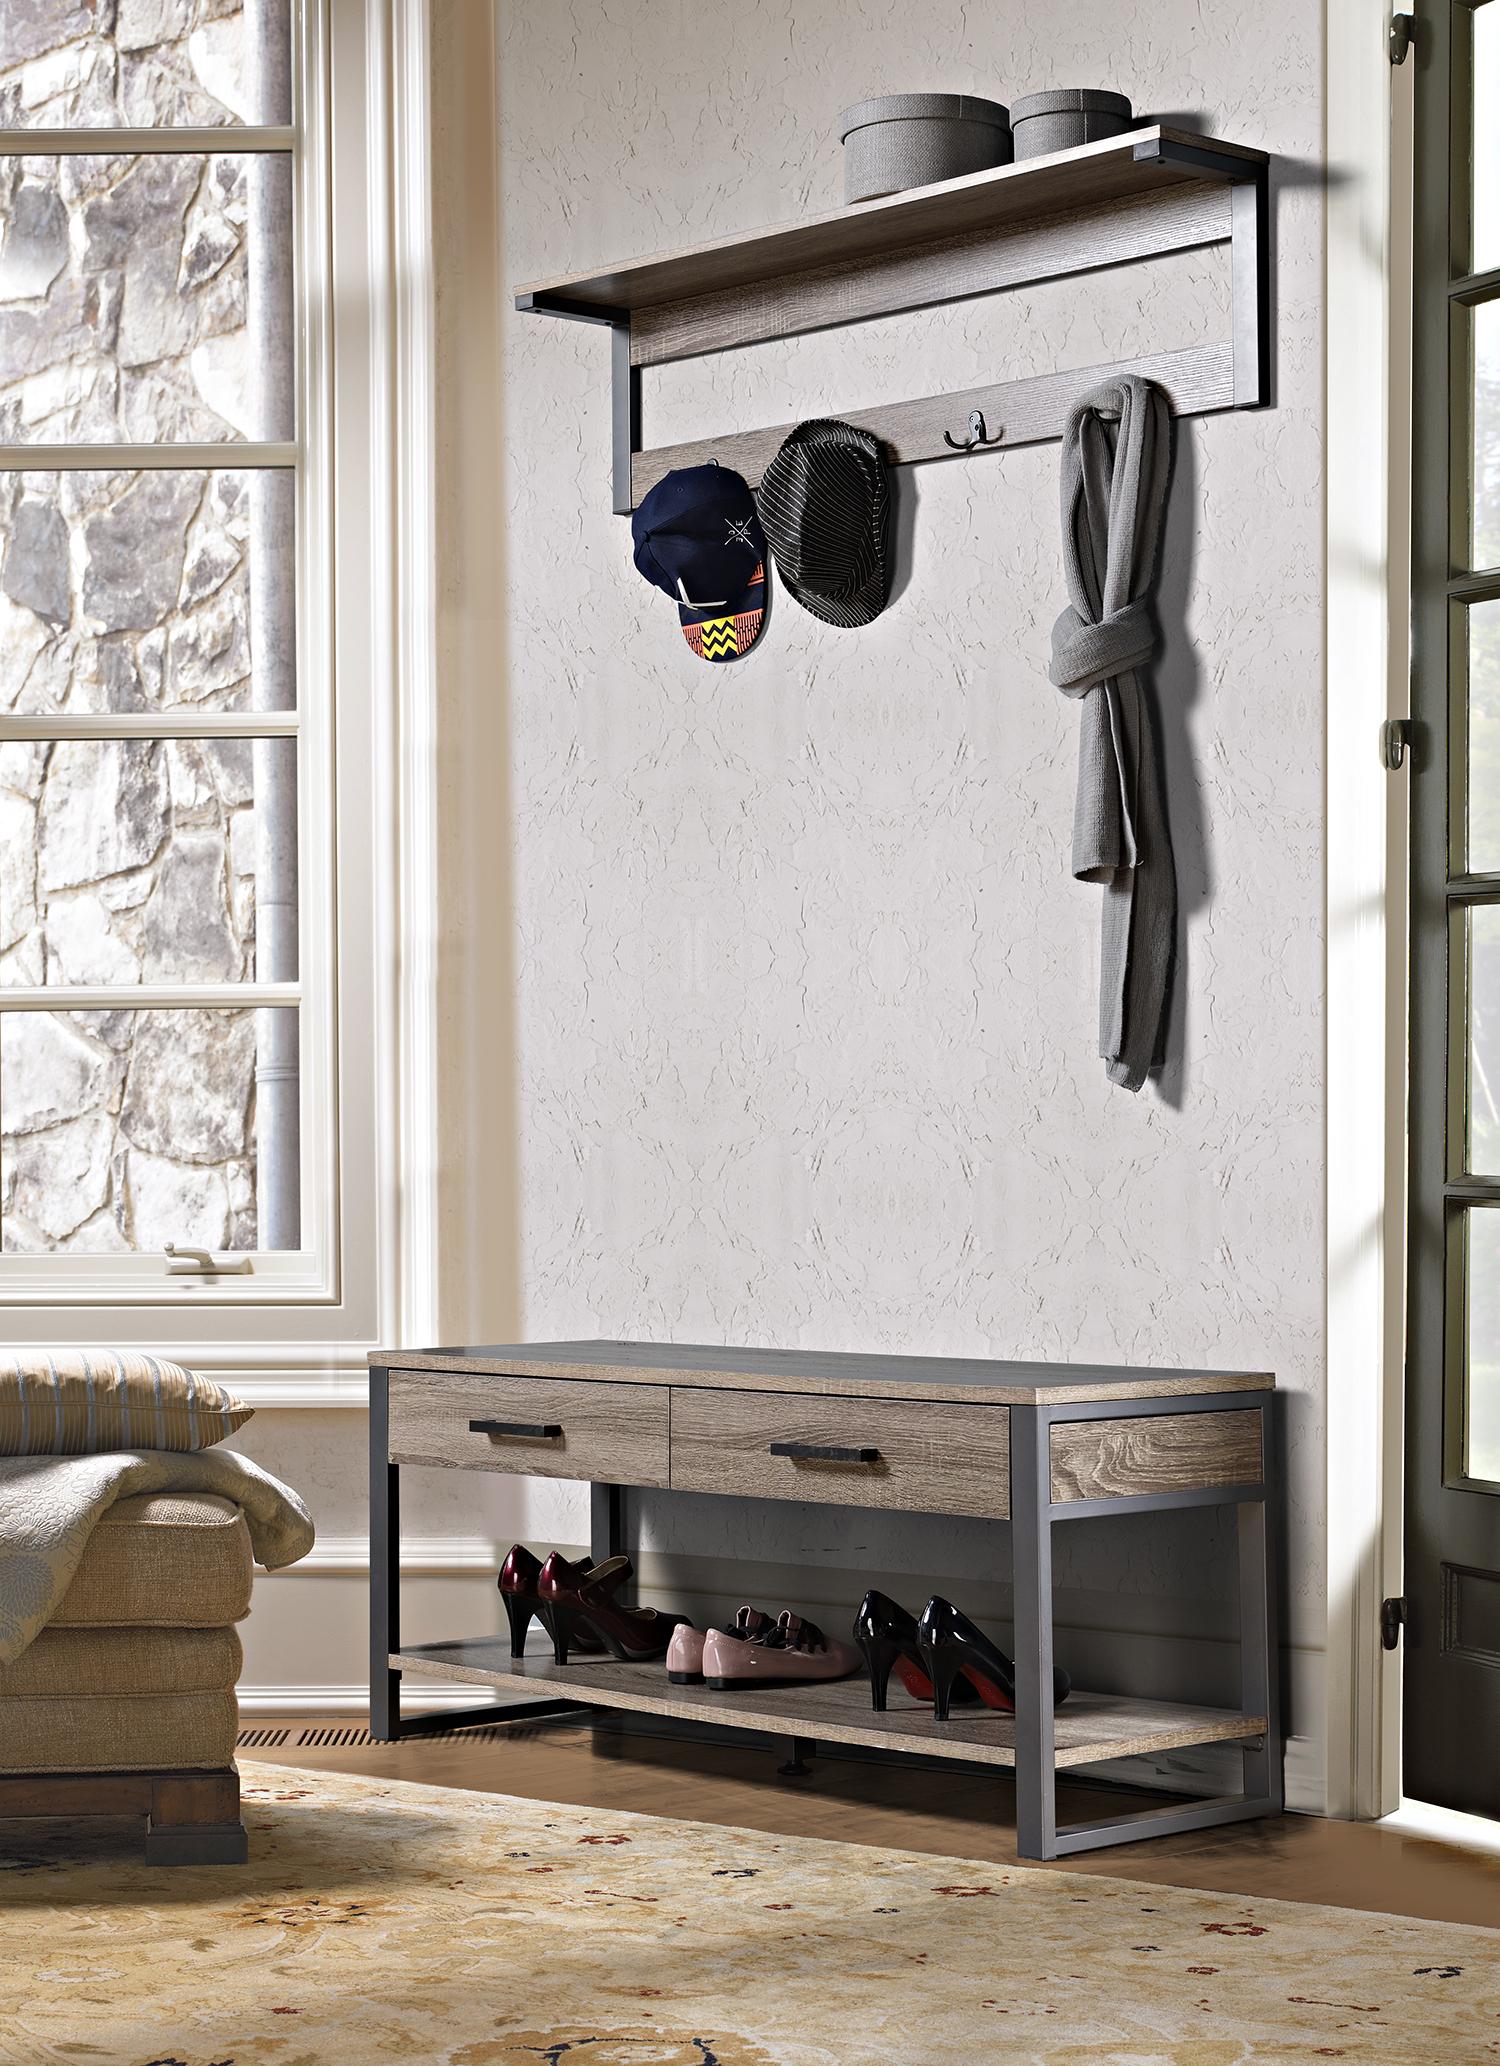 Homestar 1 Shelf/4-Hook Wall Mounted Entry Way Coat Rack - [Z1510464]